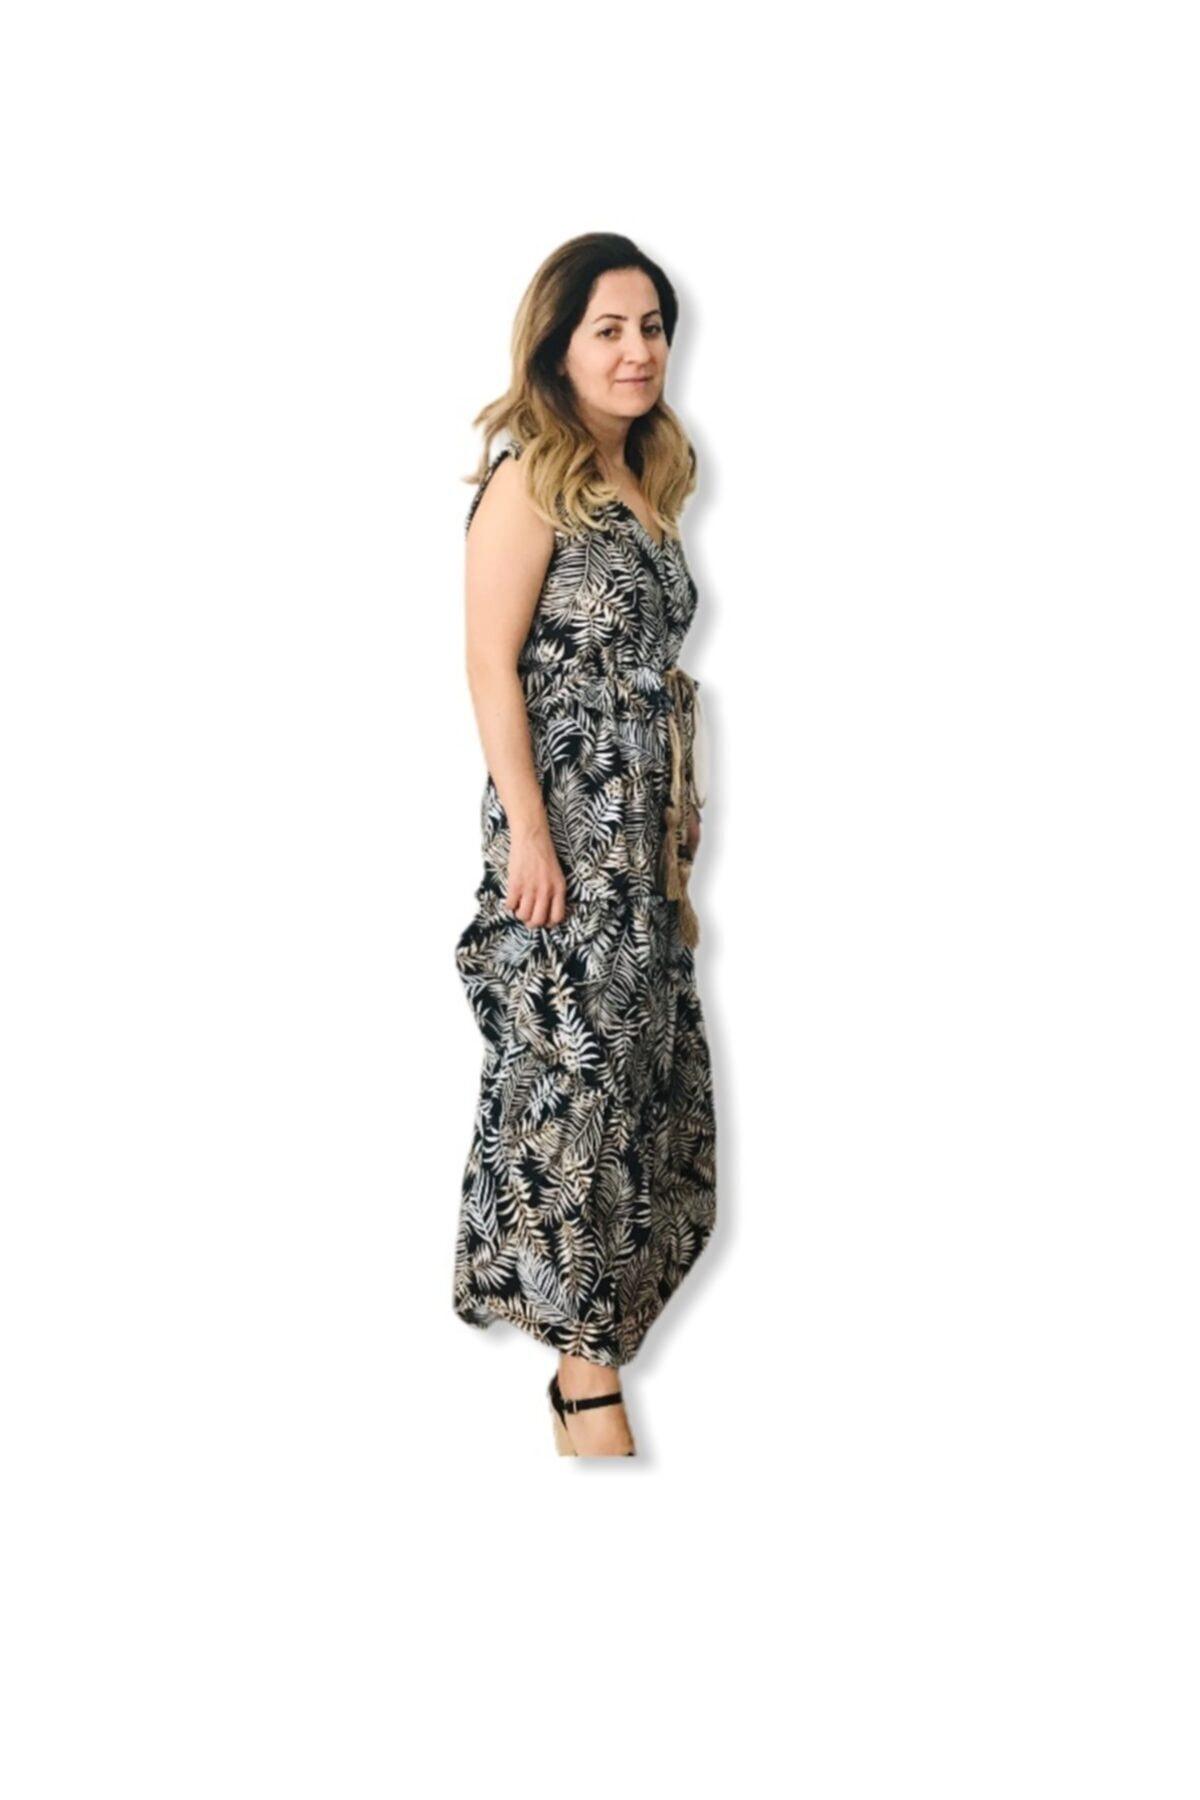 asudincer boutique Kadın Siyah Yaprak Desenli Kendinden Kemerli Elbise 2